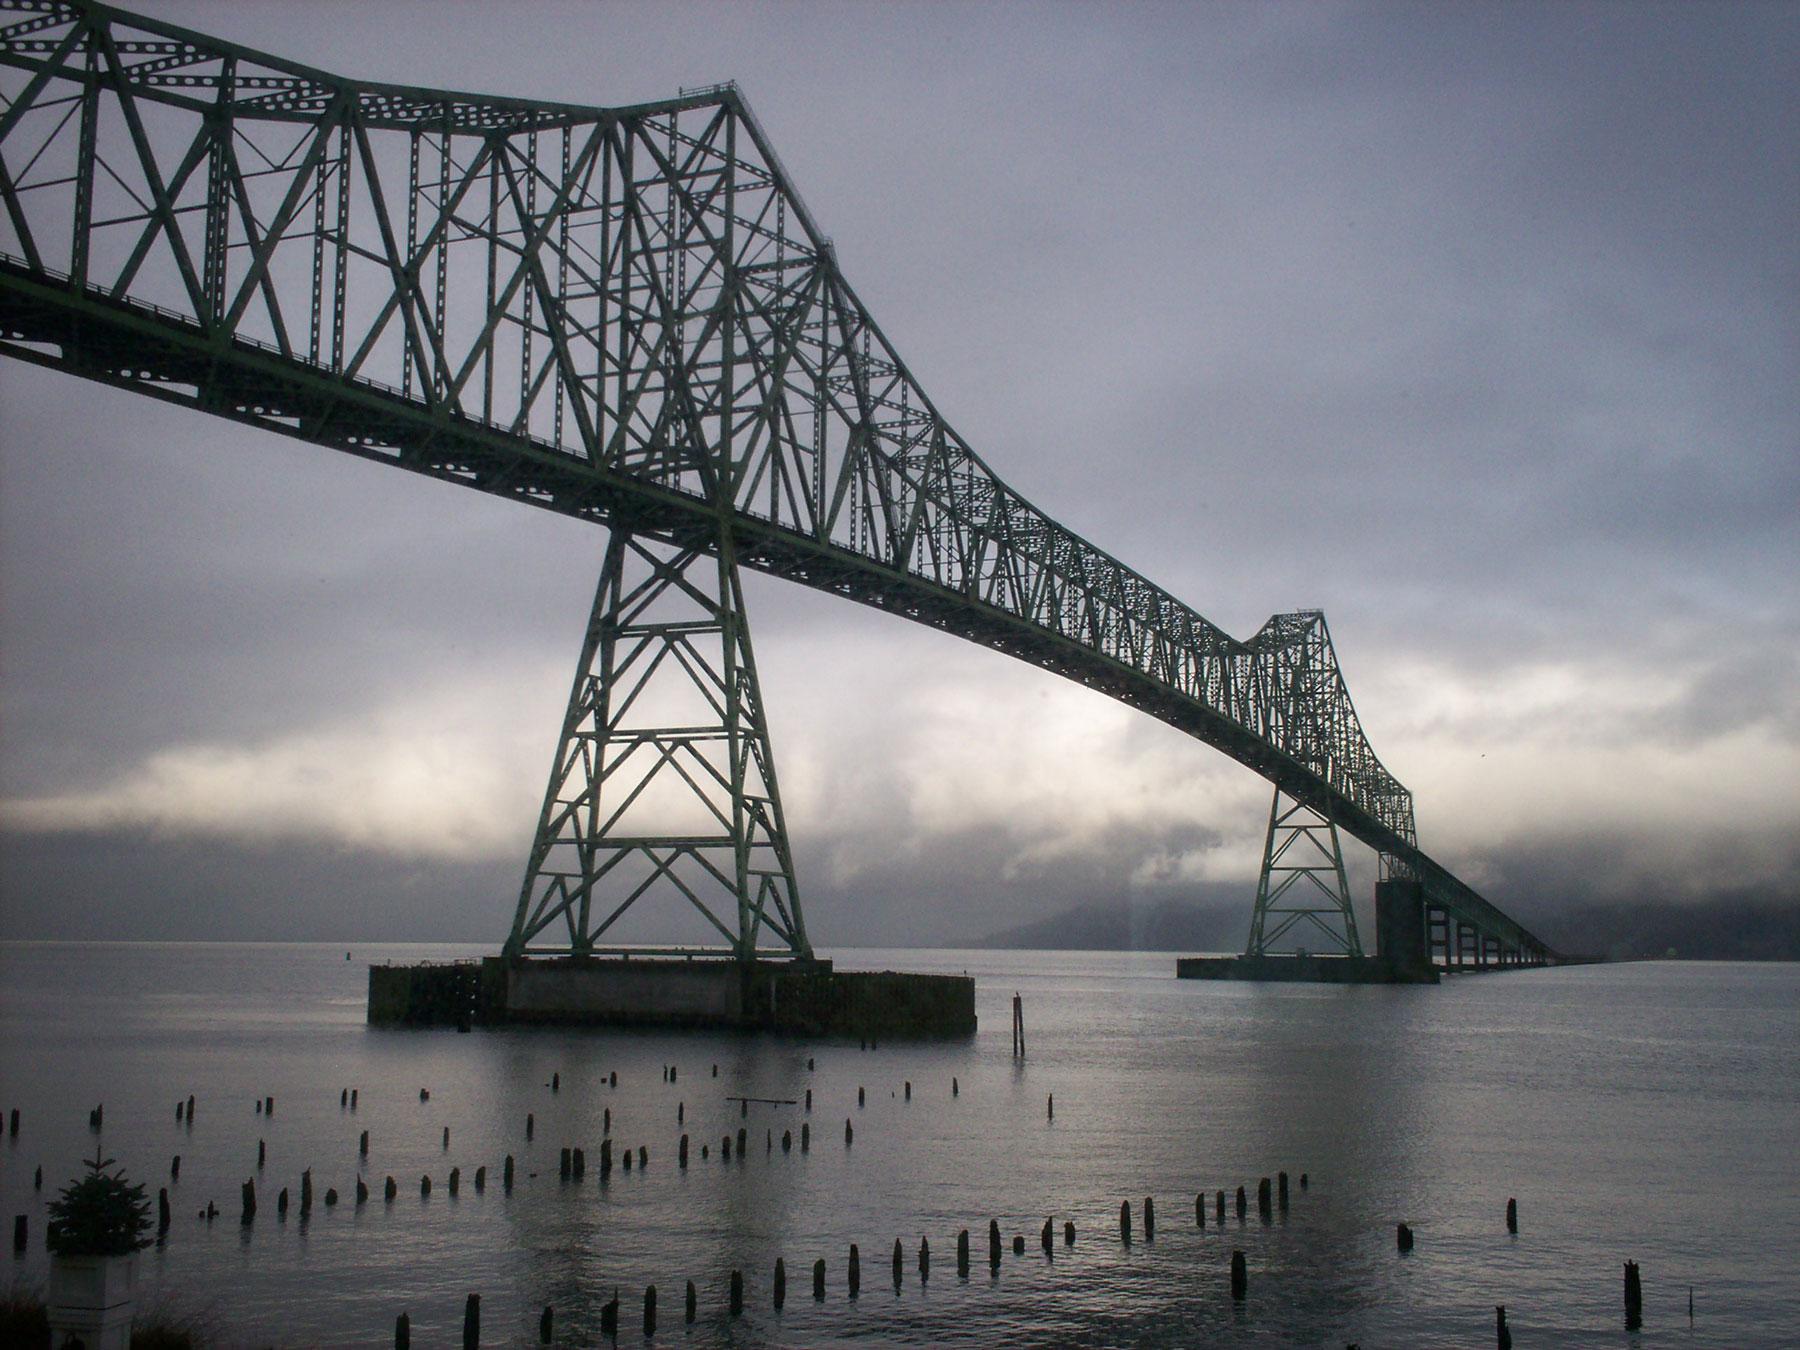 Yli kuusi kilometriä pitkä Astorian silta ylittää Columbia-joen ja vie samalla Washingtonista Oregoniin. (c) thirteenthbat/Flickr.com, CC 2.0